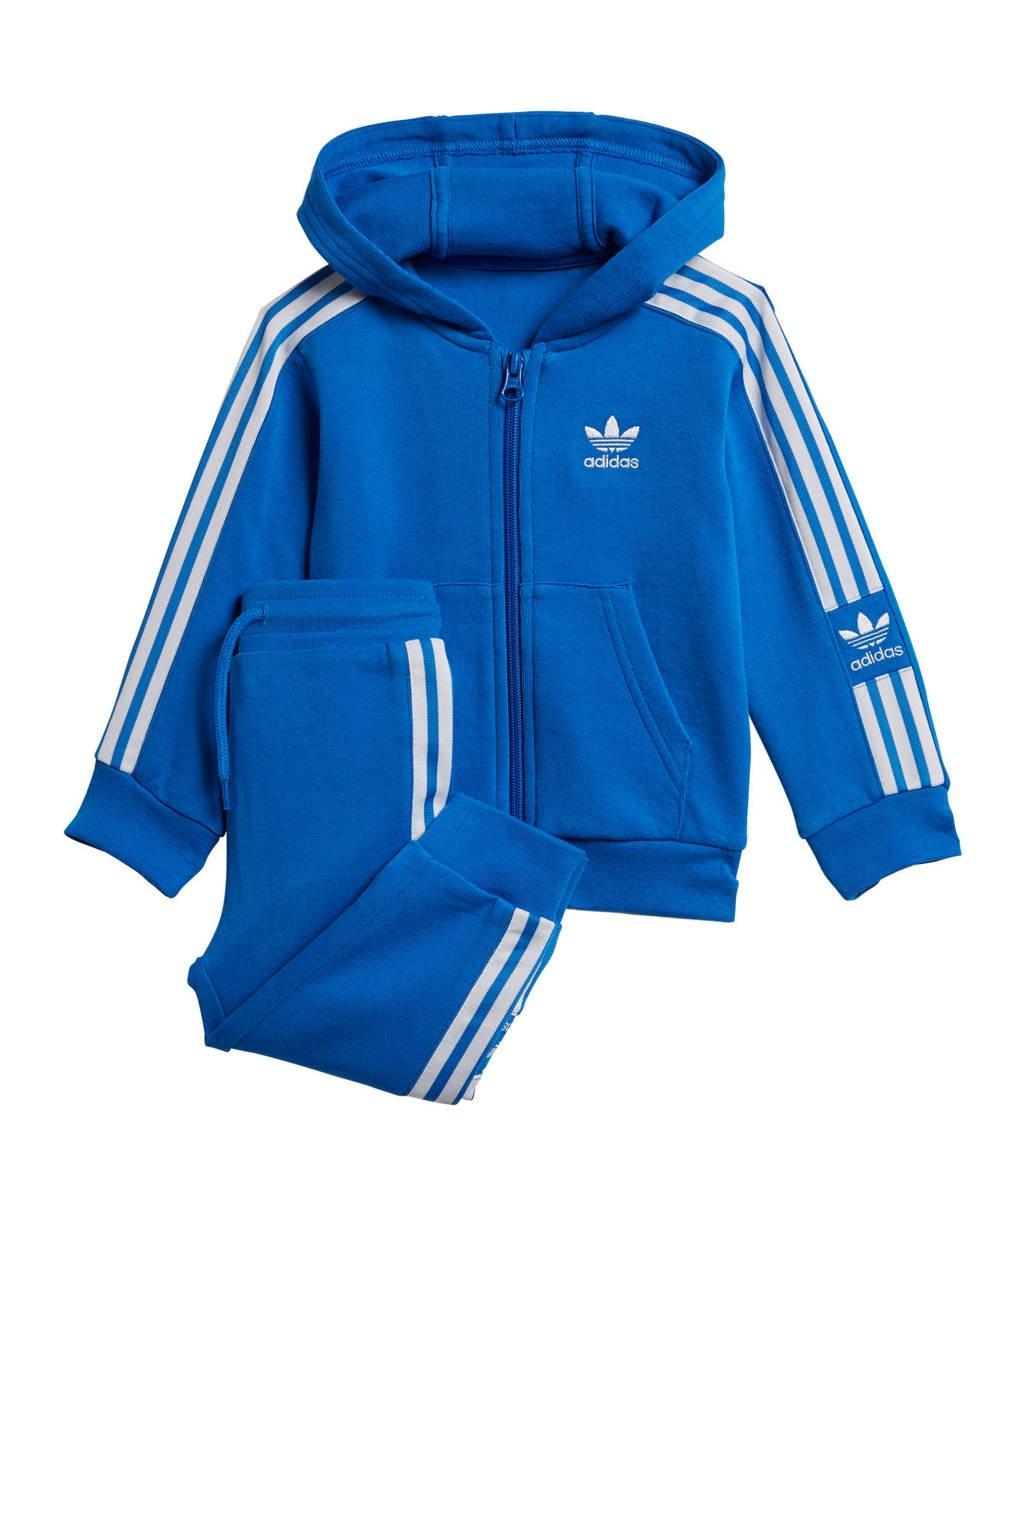 adidas originals   joggingpak blauw, Blauw/wit